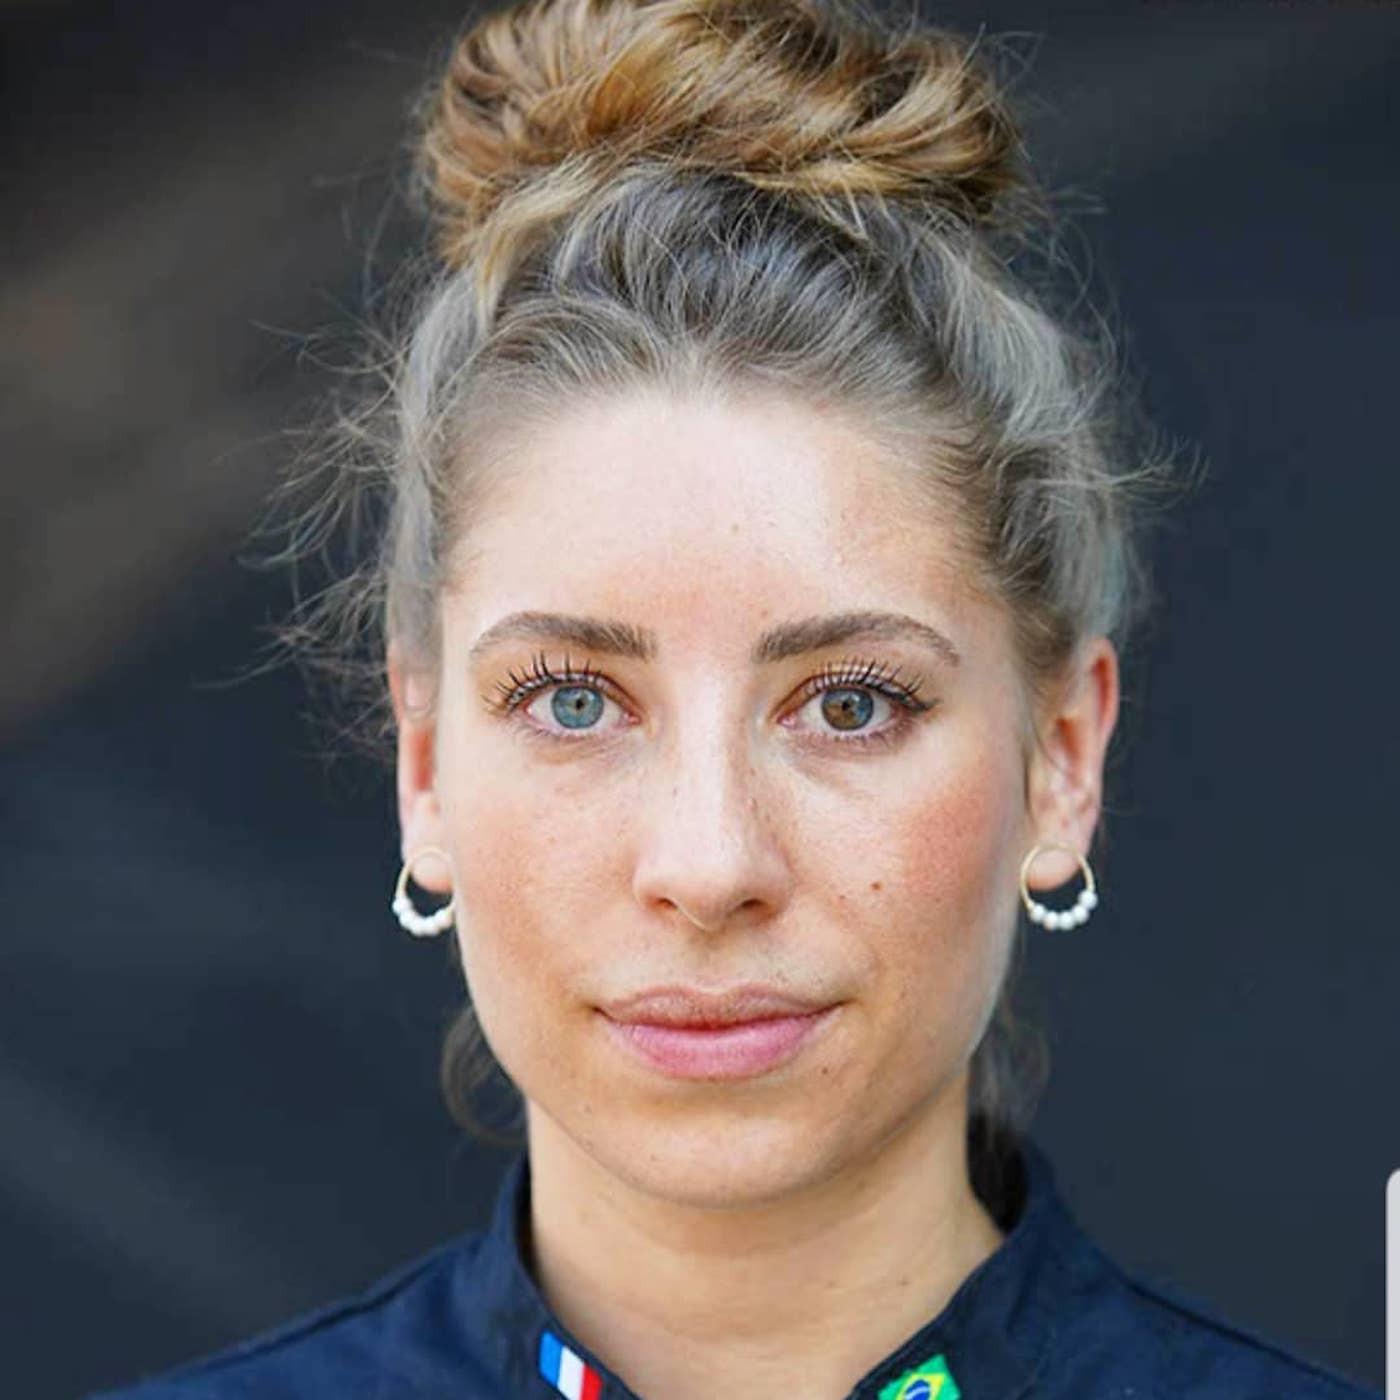 Stéphanie Guillemette - D'un CDI en marketing au métier de chef végétarienne en autodidacte